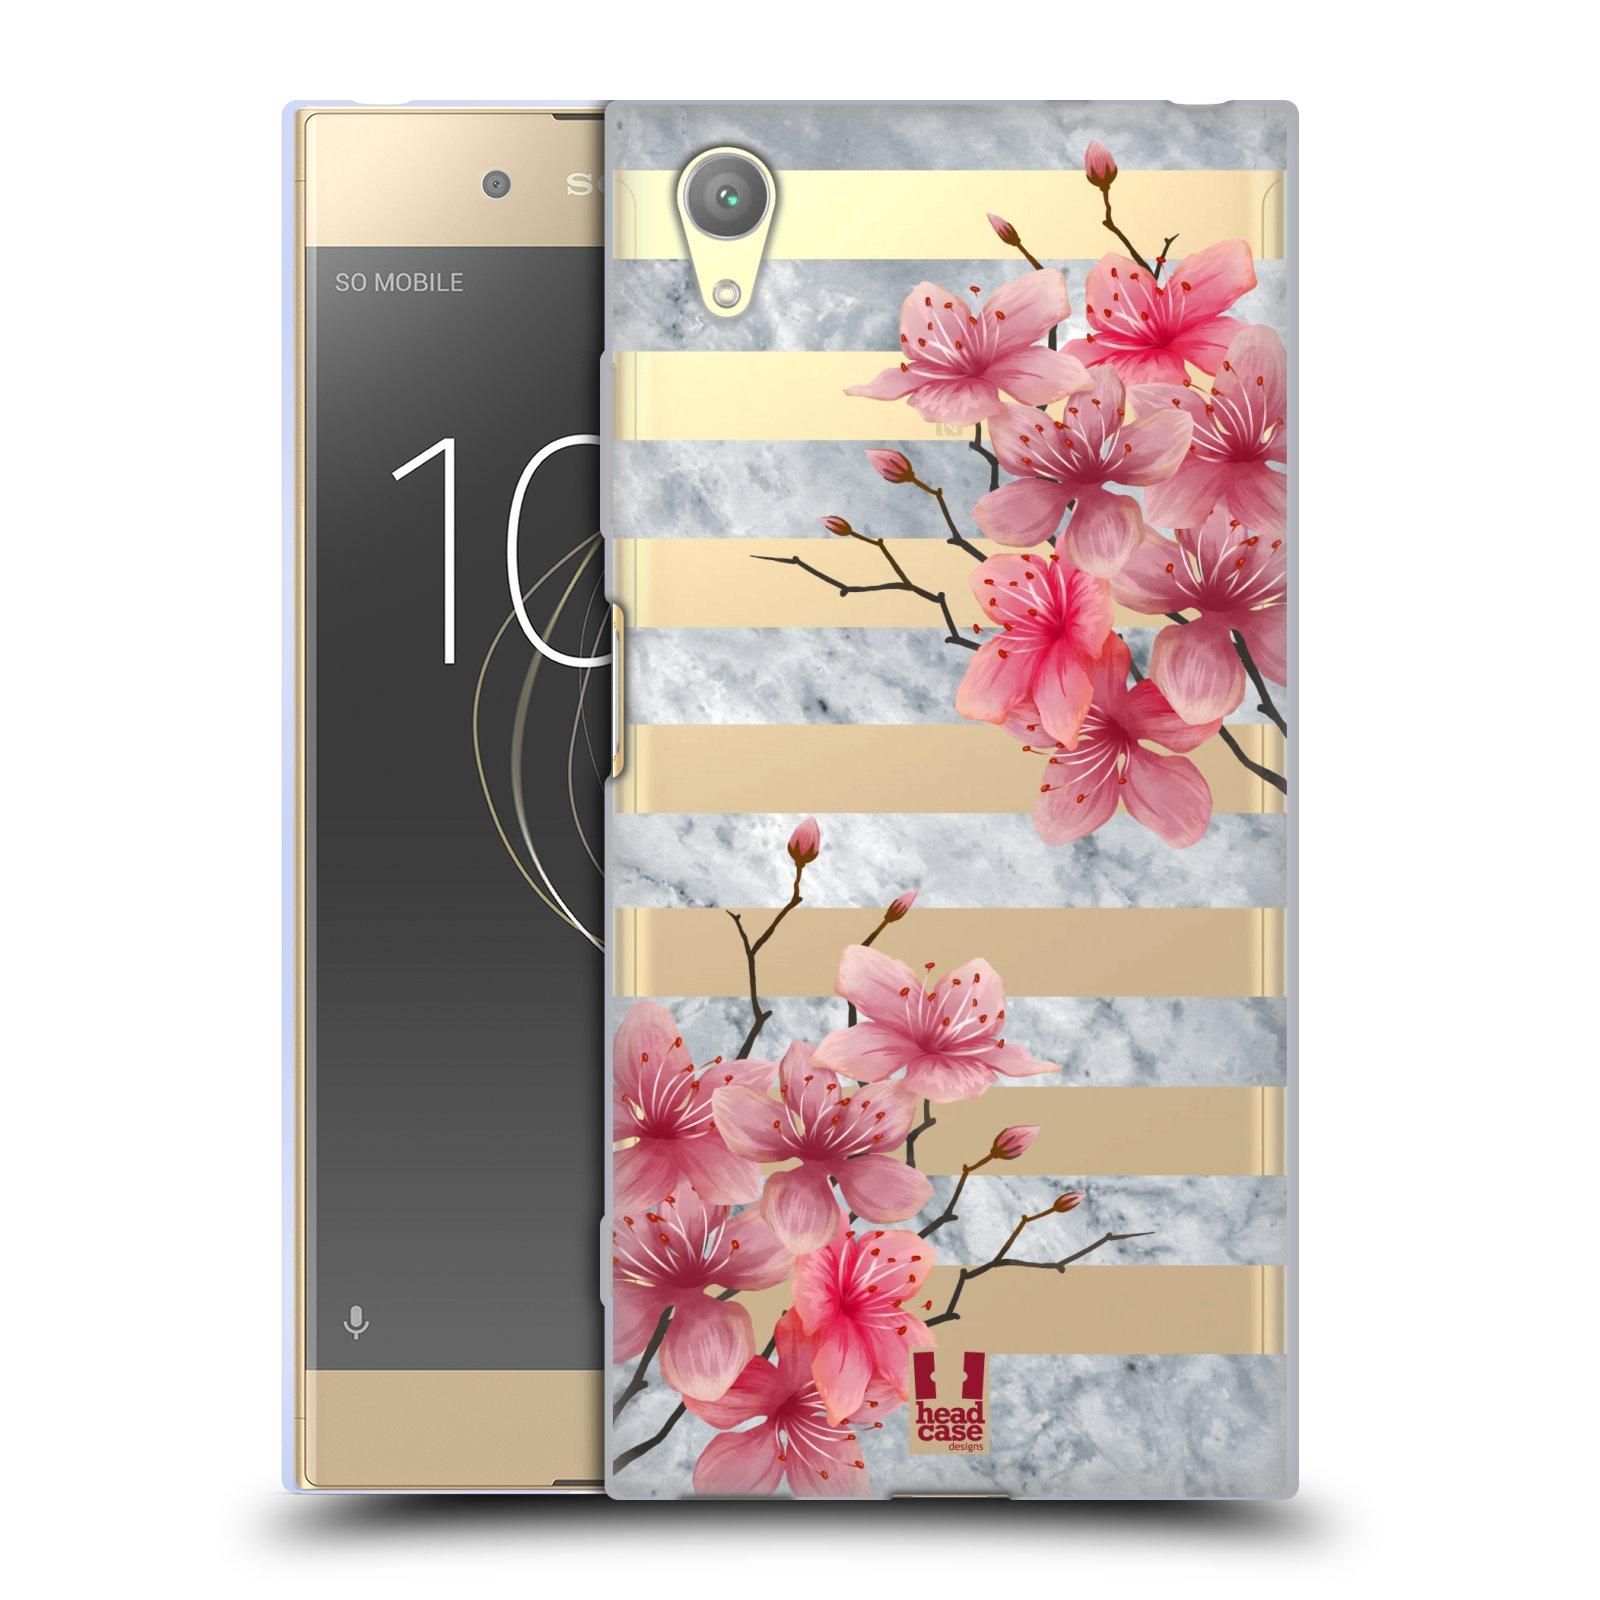 HEAD CASE silikonový obal na mobil Sony Xperia XA1 PLUS růžové květy v rozkvětu a mramor